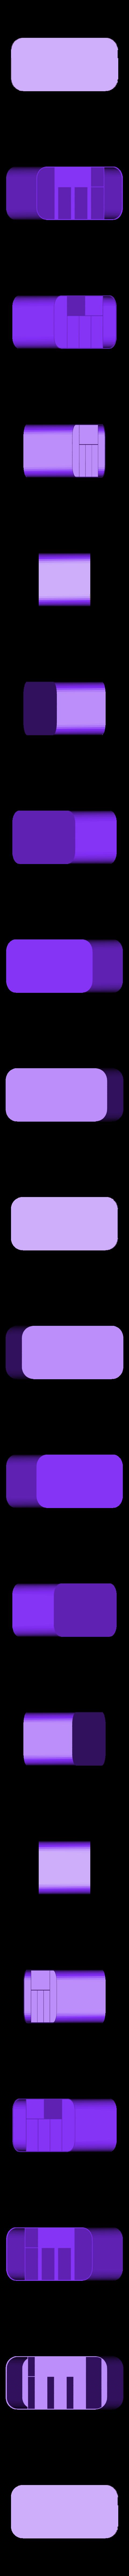 Makeup Organizer Box.STL Télécharger fichier STL gratuit Boîte de rangement pour le maquillage • Objet imprimable en 3D, Cerega